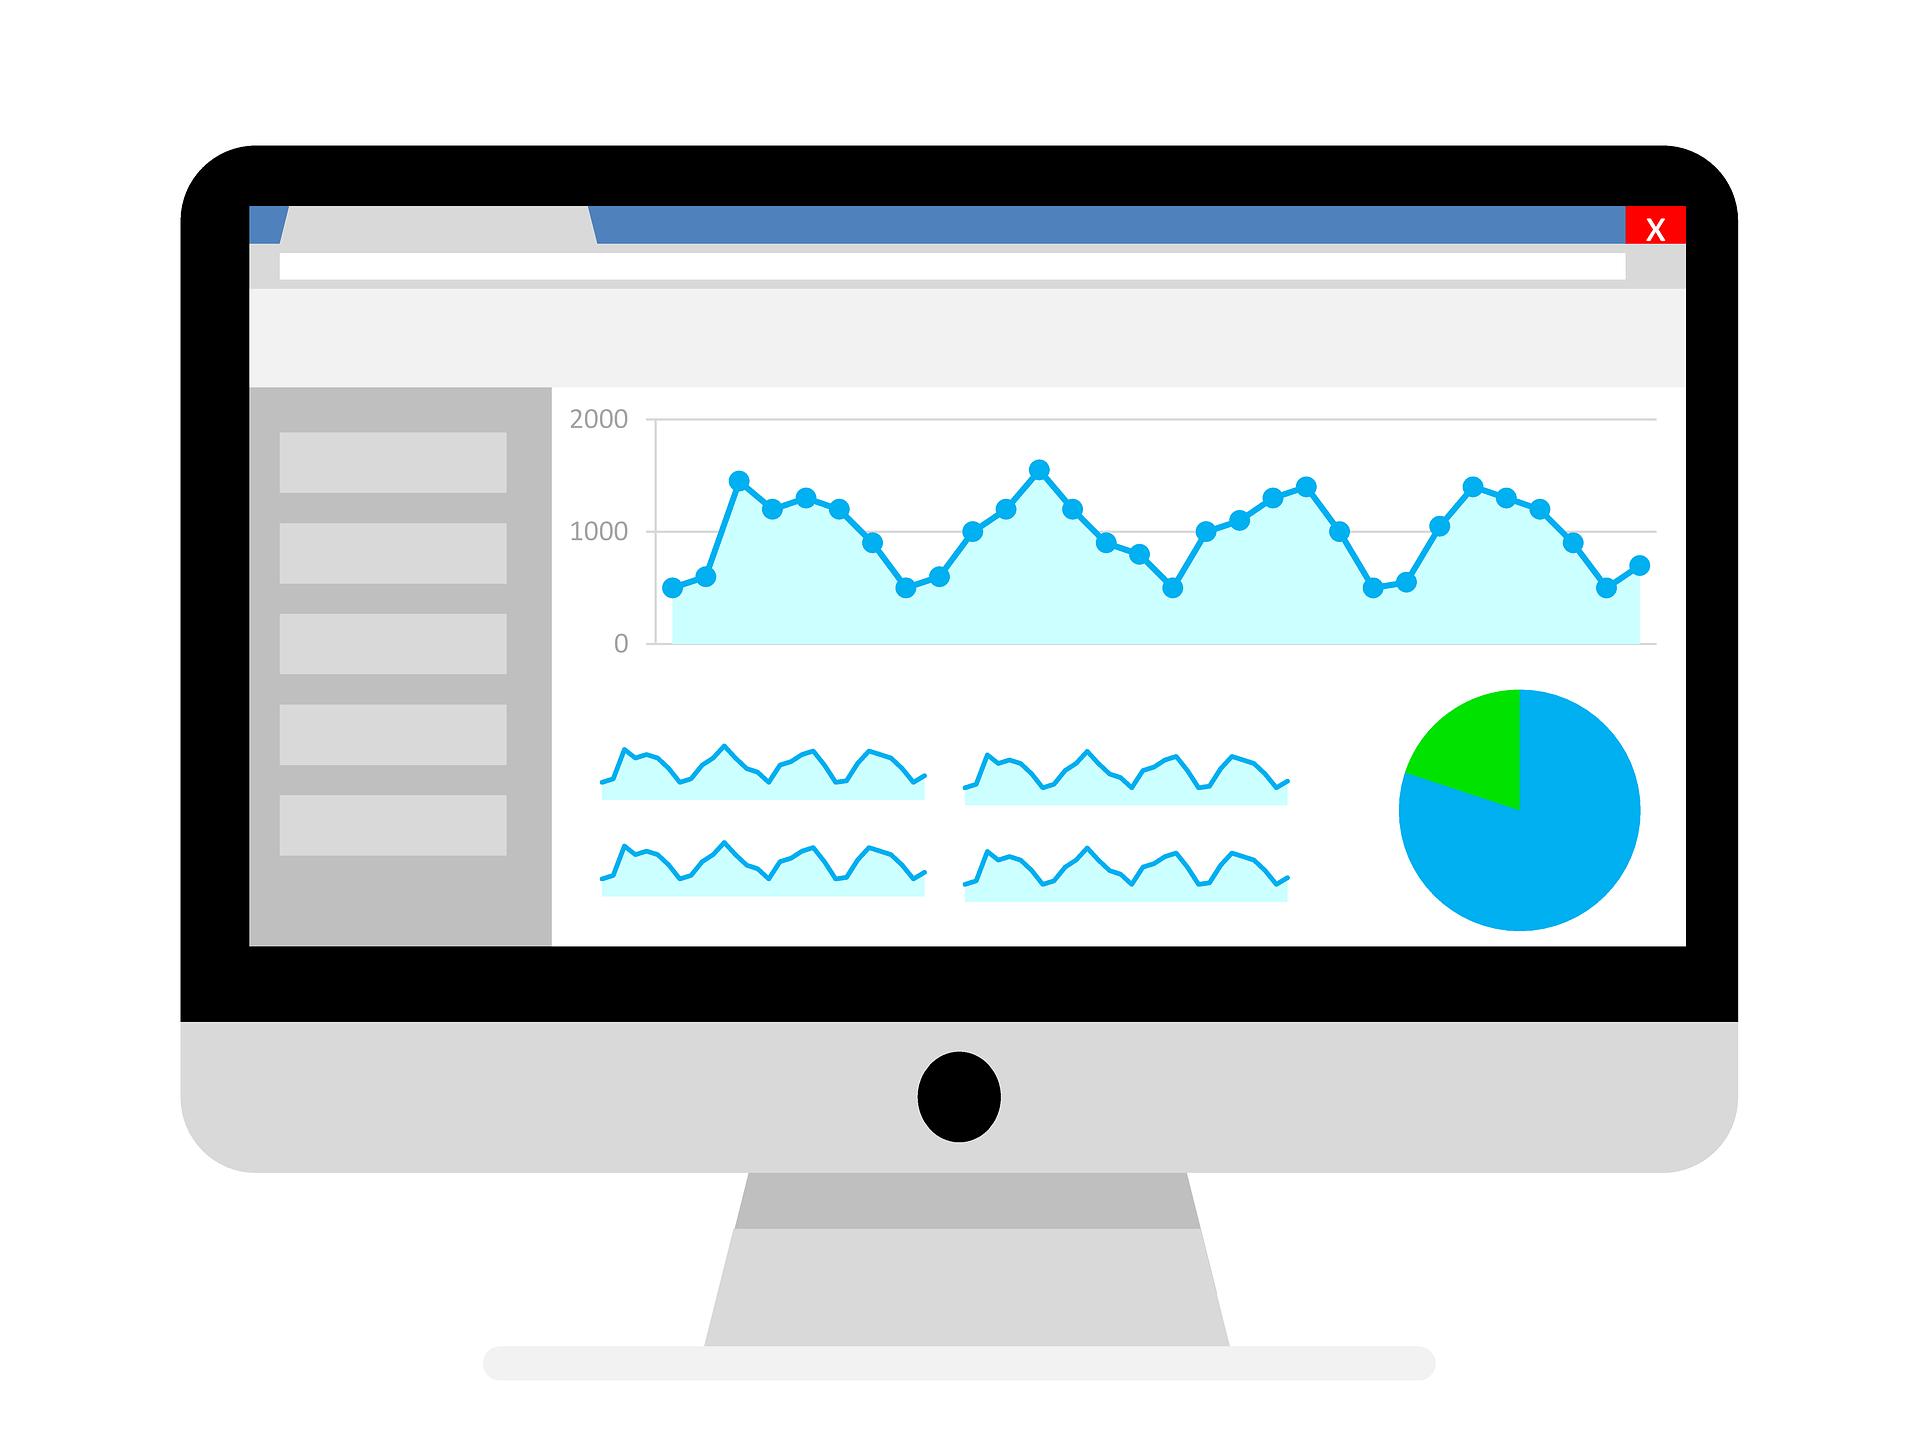 Funktion von Google AMP - Analyse